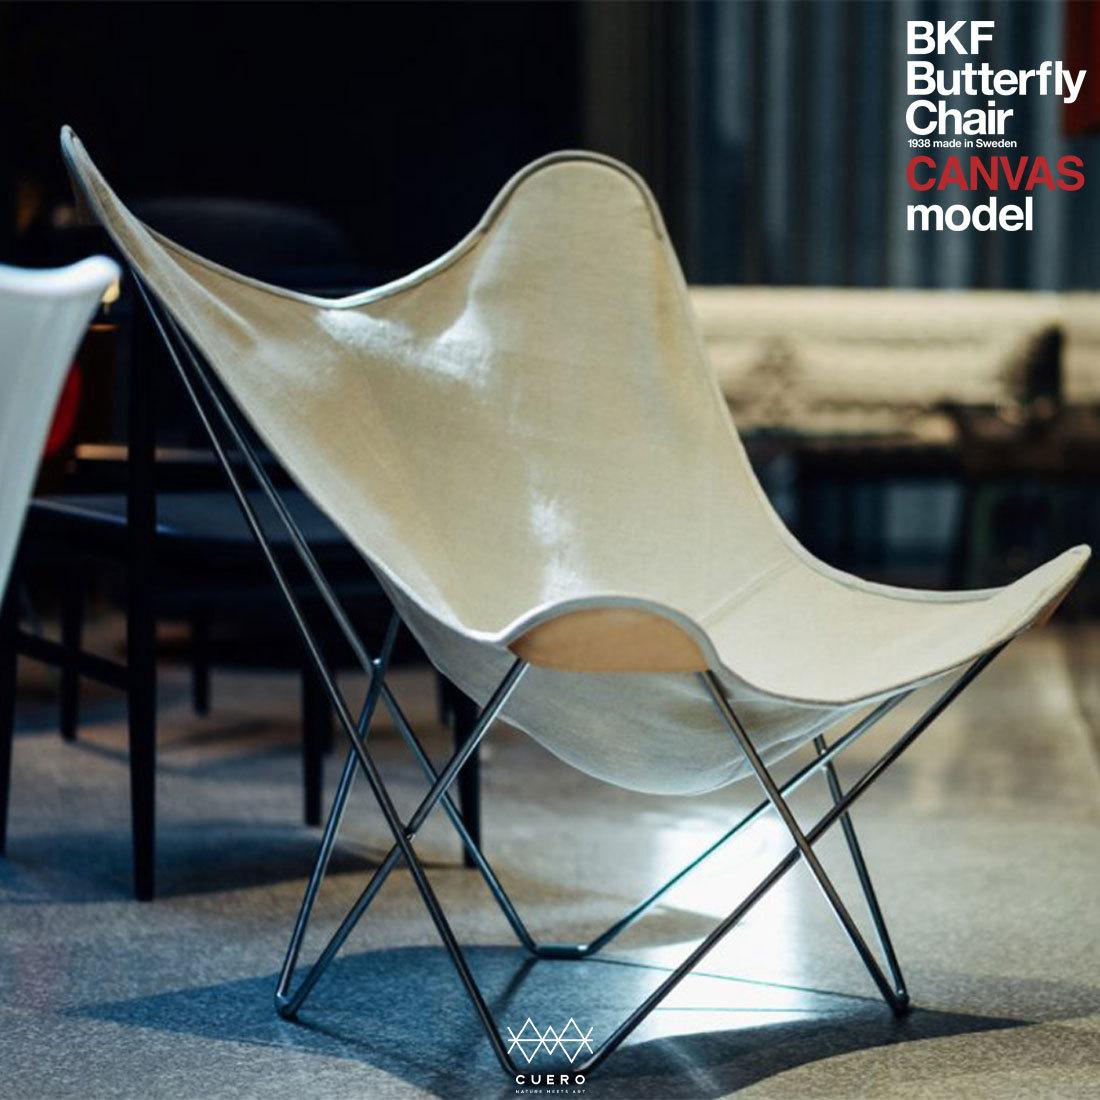 """カバーのみ バタフライチェア""""の愛称でも知られる BKFチェア からキャンバスモデルが登場 cuero BKF Butterfly Chair Canvas 低廉 ファクトリーアウトレット キュエロ Mariposa クエロ カバーのみCanvas チェア コルビジェ MoMA バタフライ キャンバス イームズ ミッドセンチュリー"""